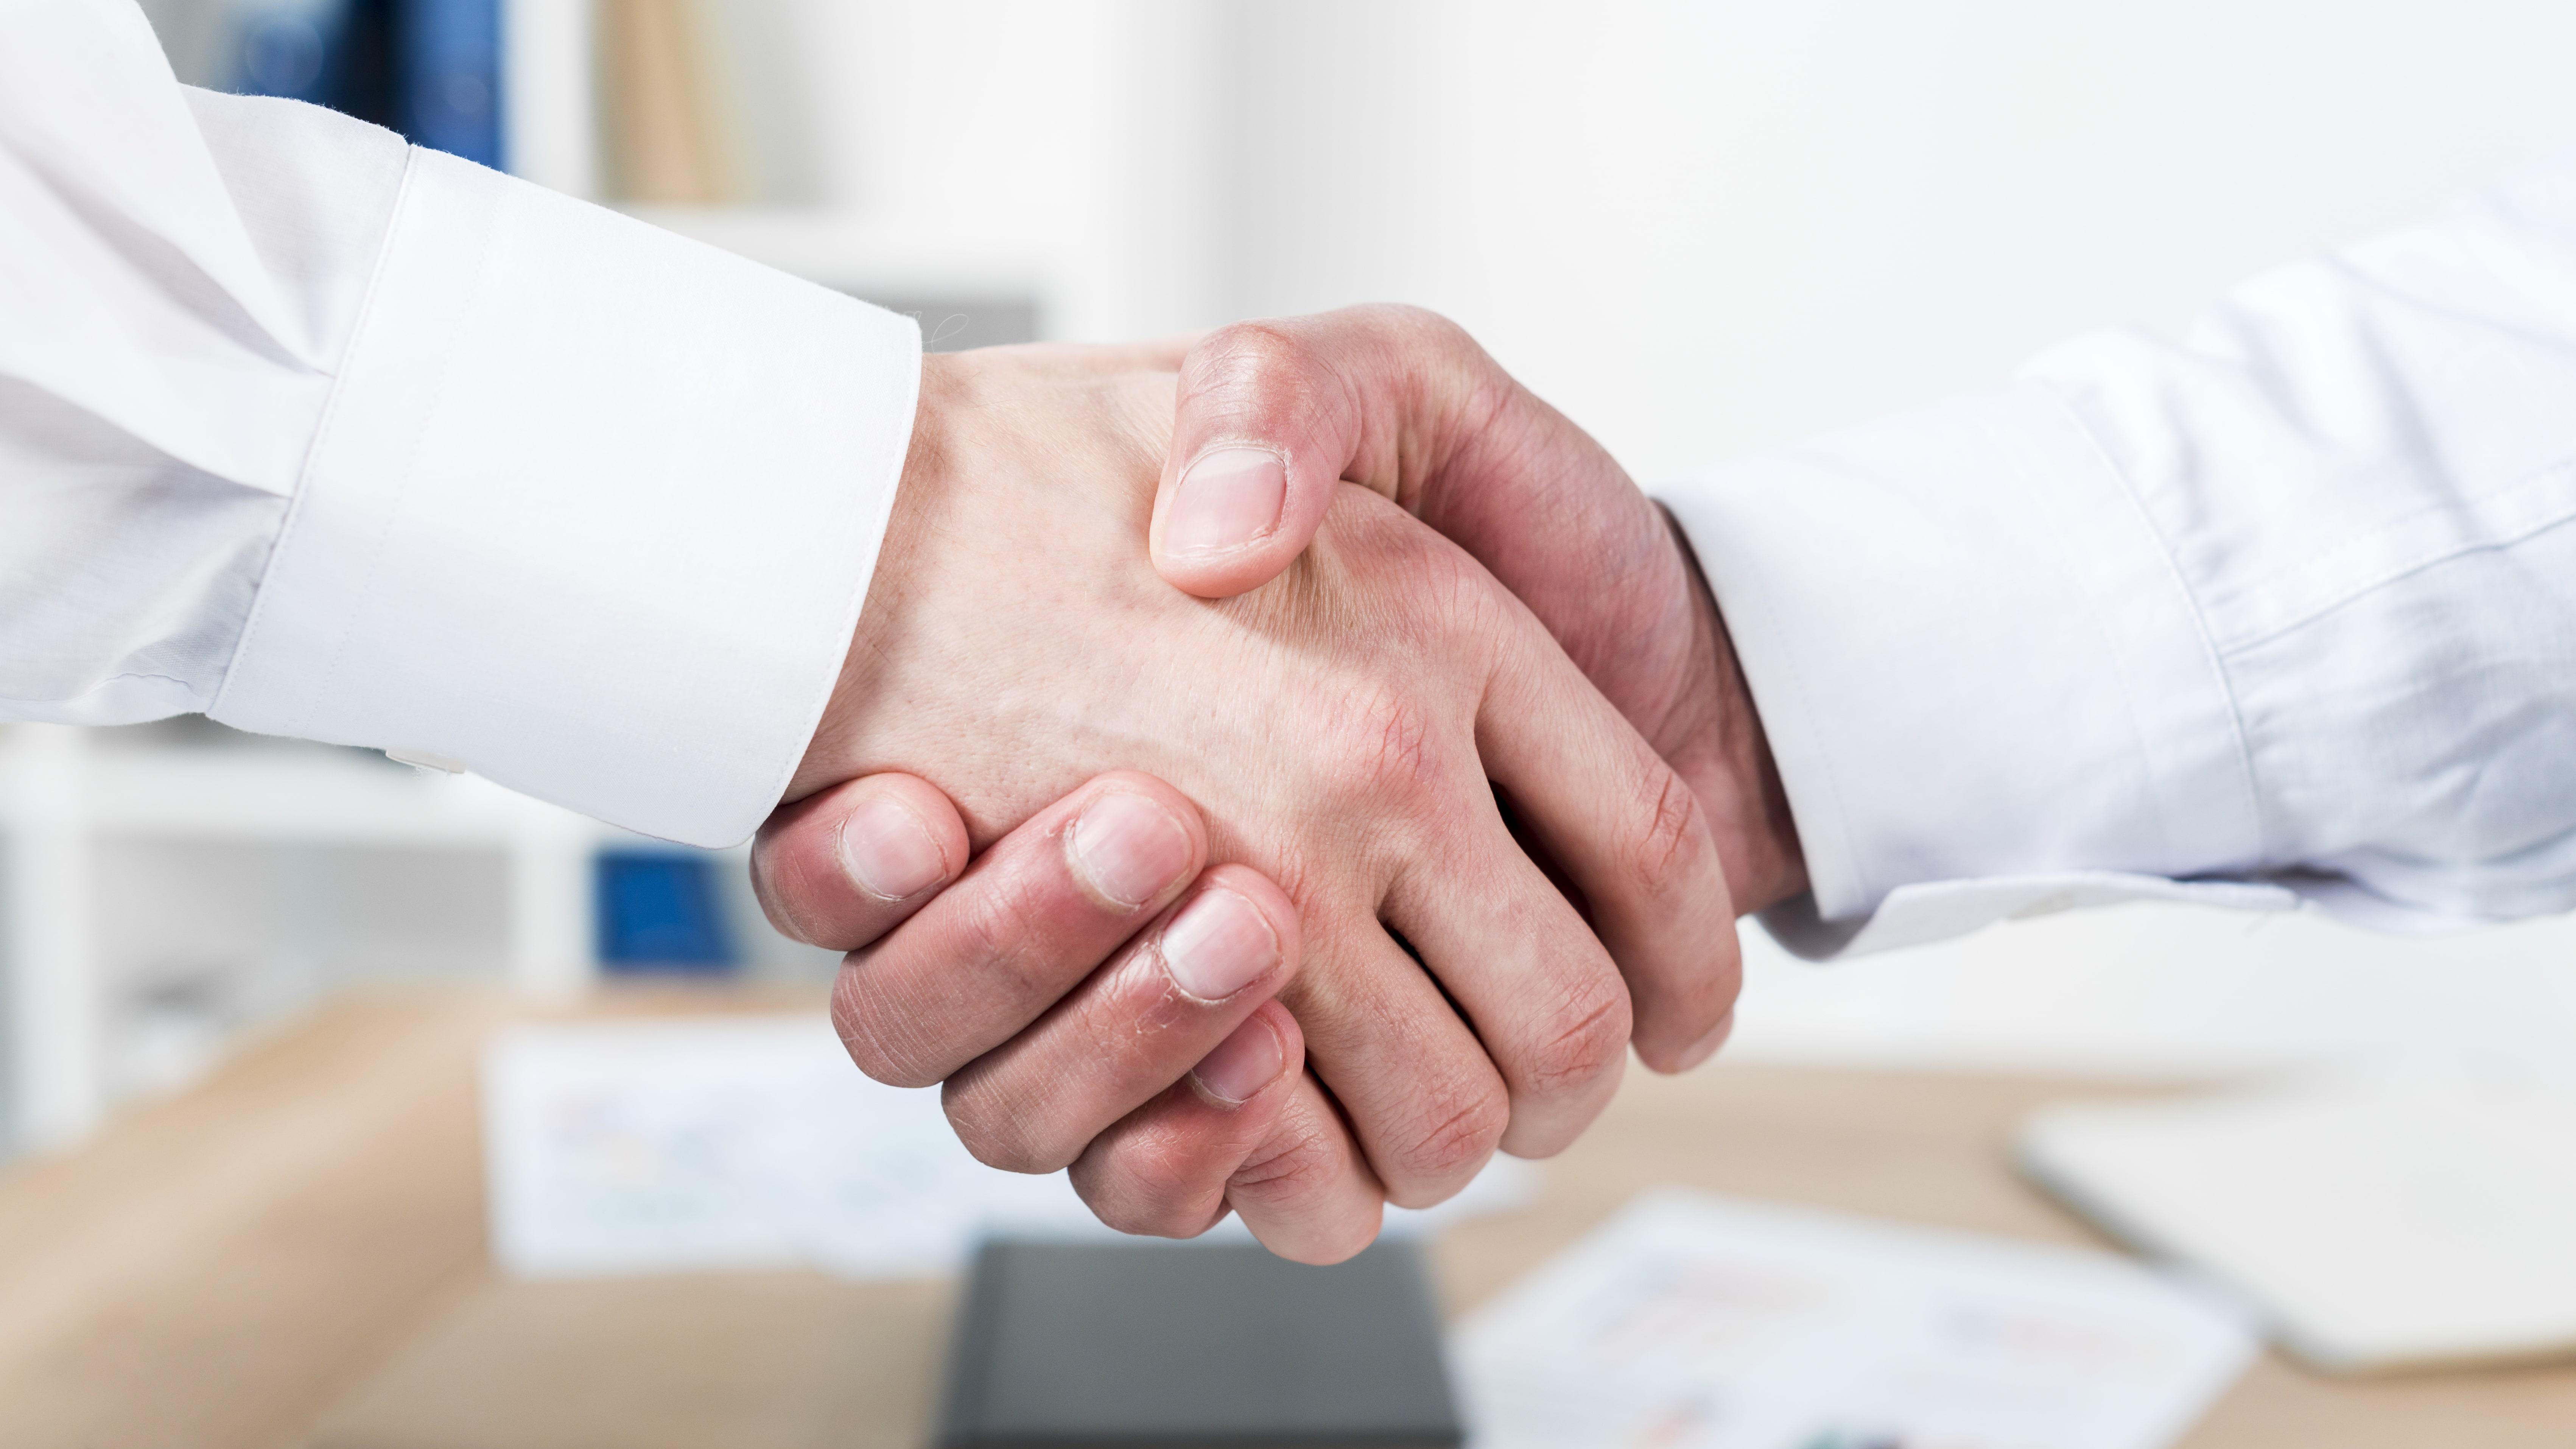 رعایت اخلاق در تجارت الکترونیک چه تاثیری در موفقیت کسب و کار دارد؟